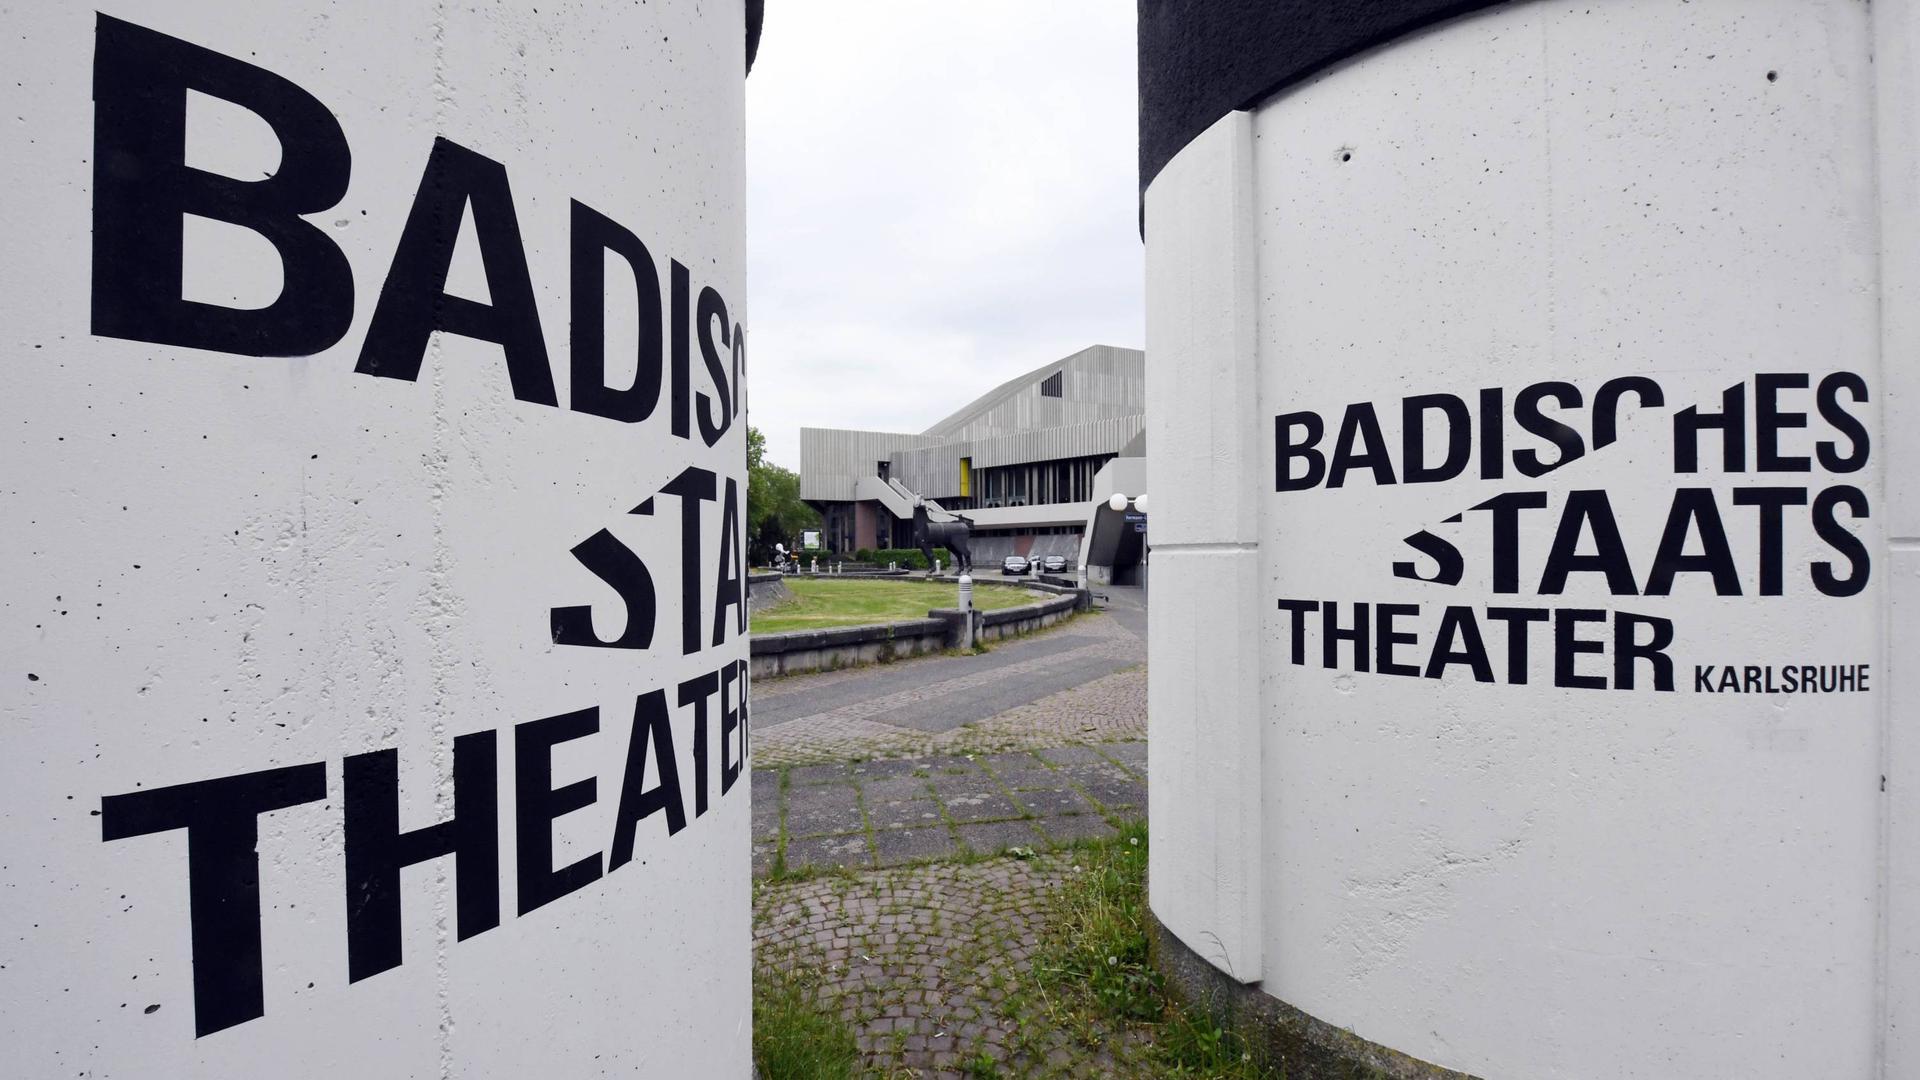 ARCHIV - 02.05.2018, Baden-Württemberg, Karlsruhe: Das Badische Staatstheater. Foto: Uli Deck/dpa +++ dpa-Bildfunk +++   Verwendung weltweit